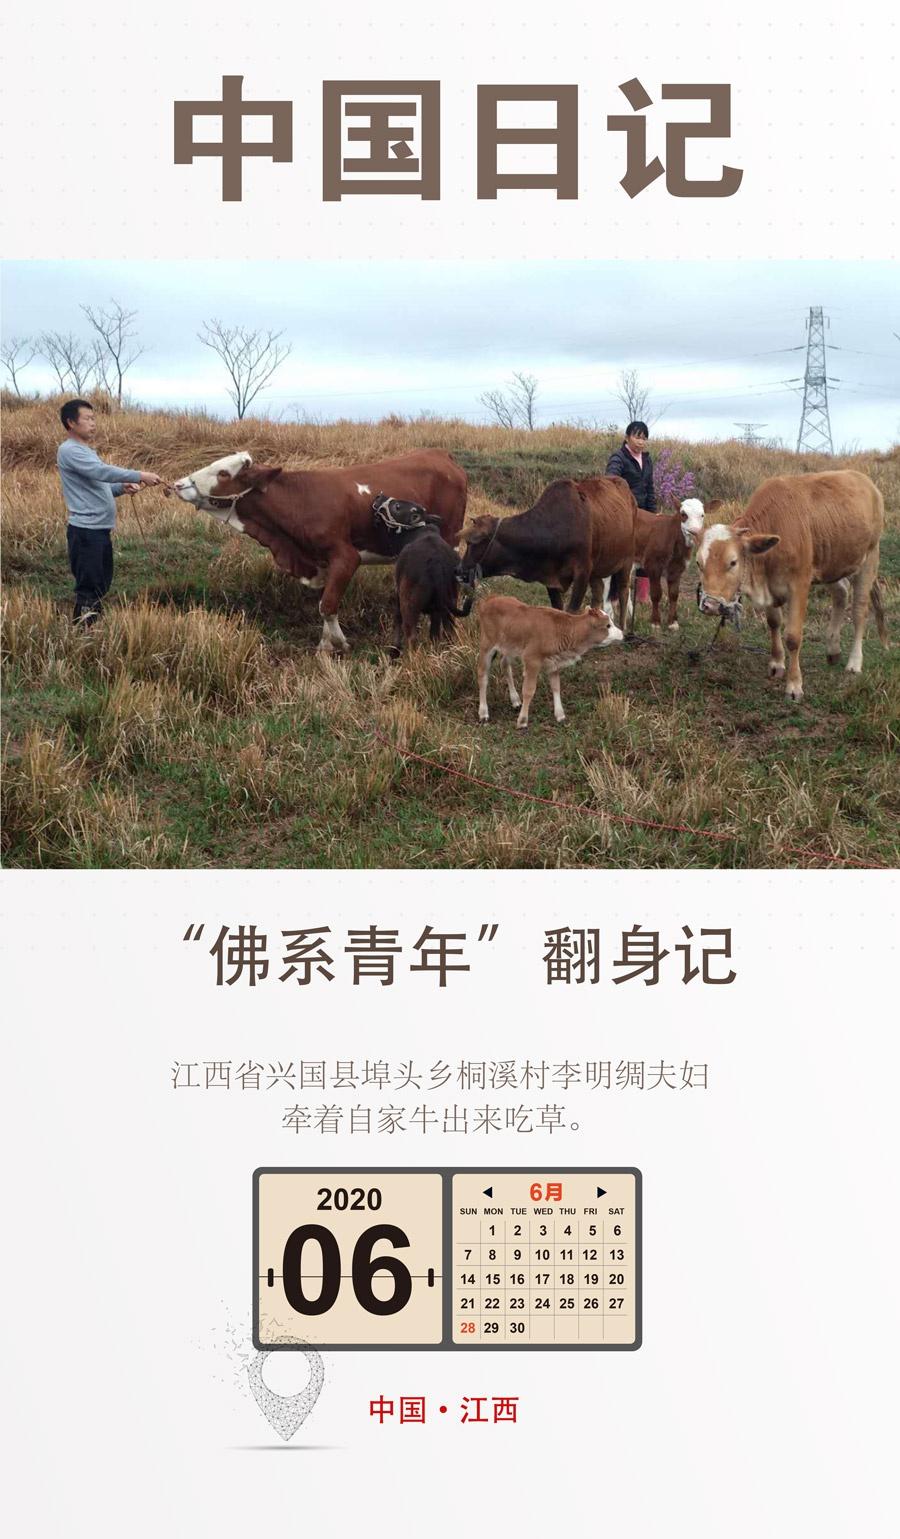 【天富】中国天富日记6月28日|佛系青年图片